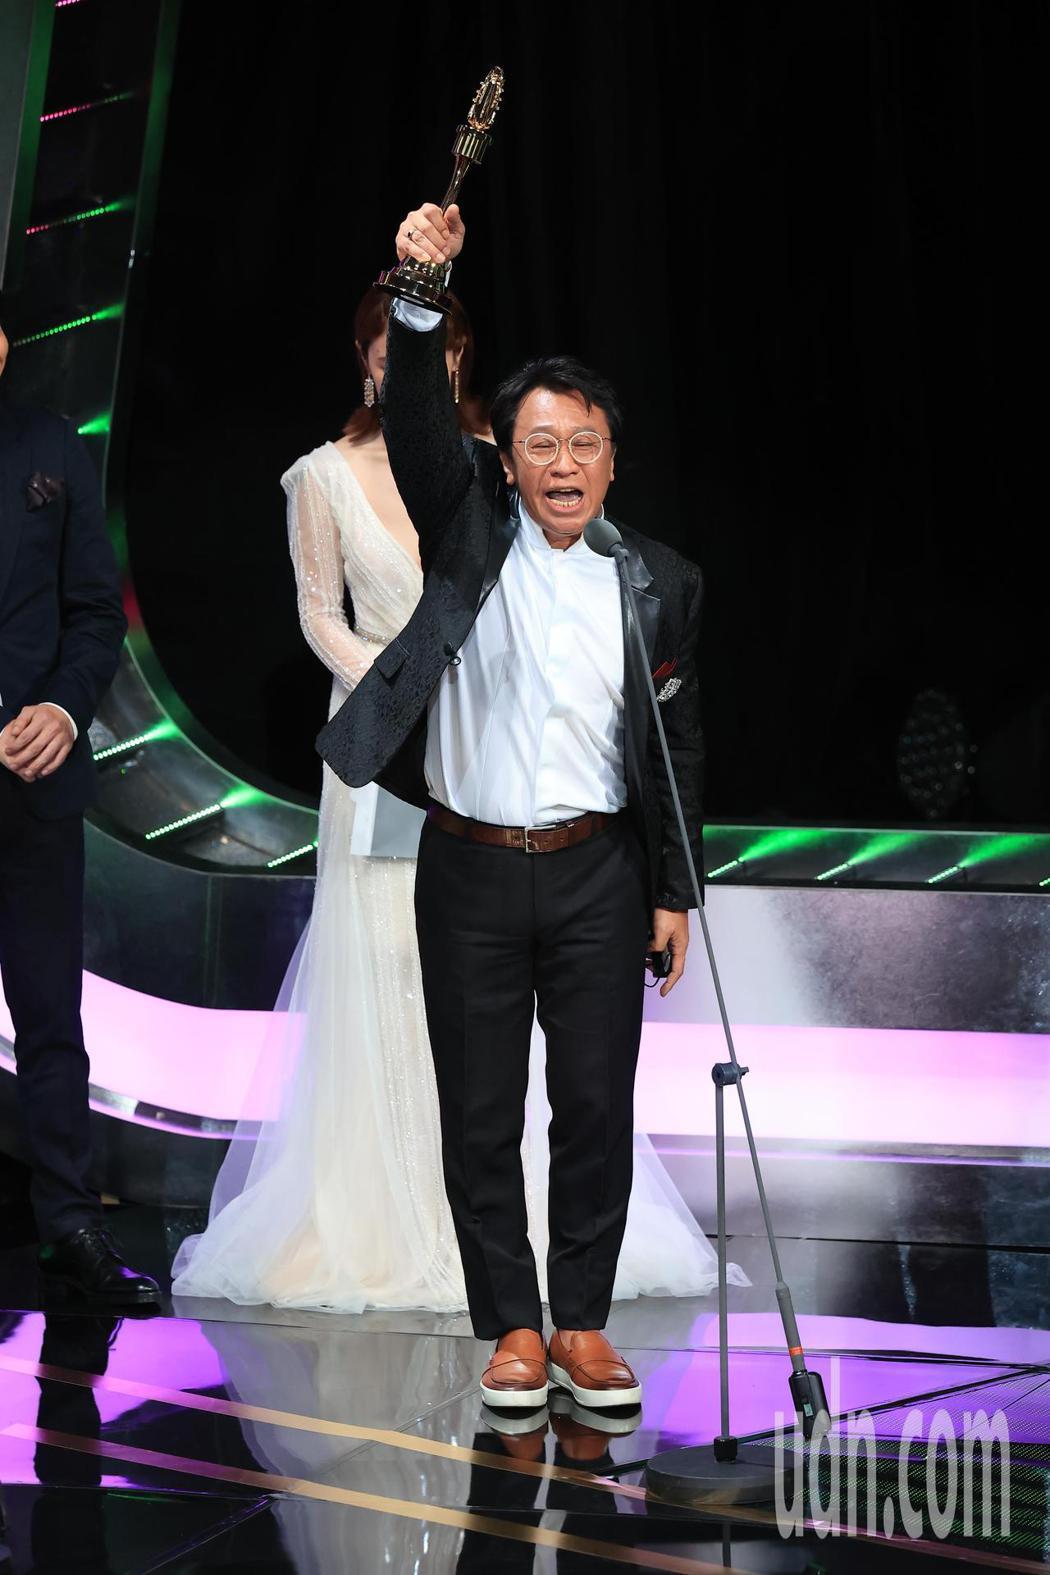 第55屆金鐘獎頒獎典禮在國父紀念館舉行,迷你劇集電視電影男配角獎由游安順獲得。記...